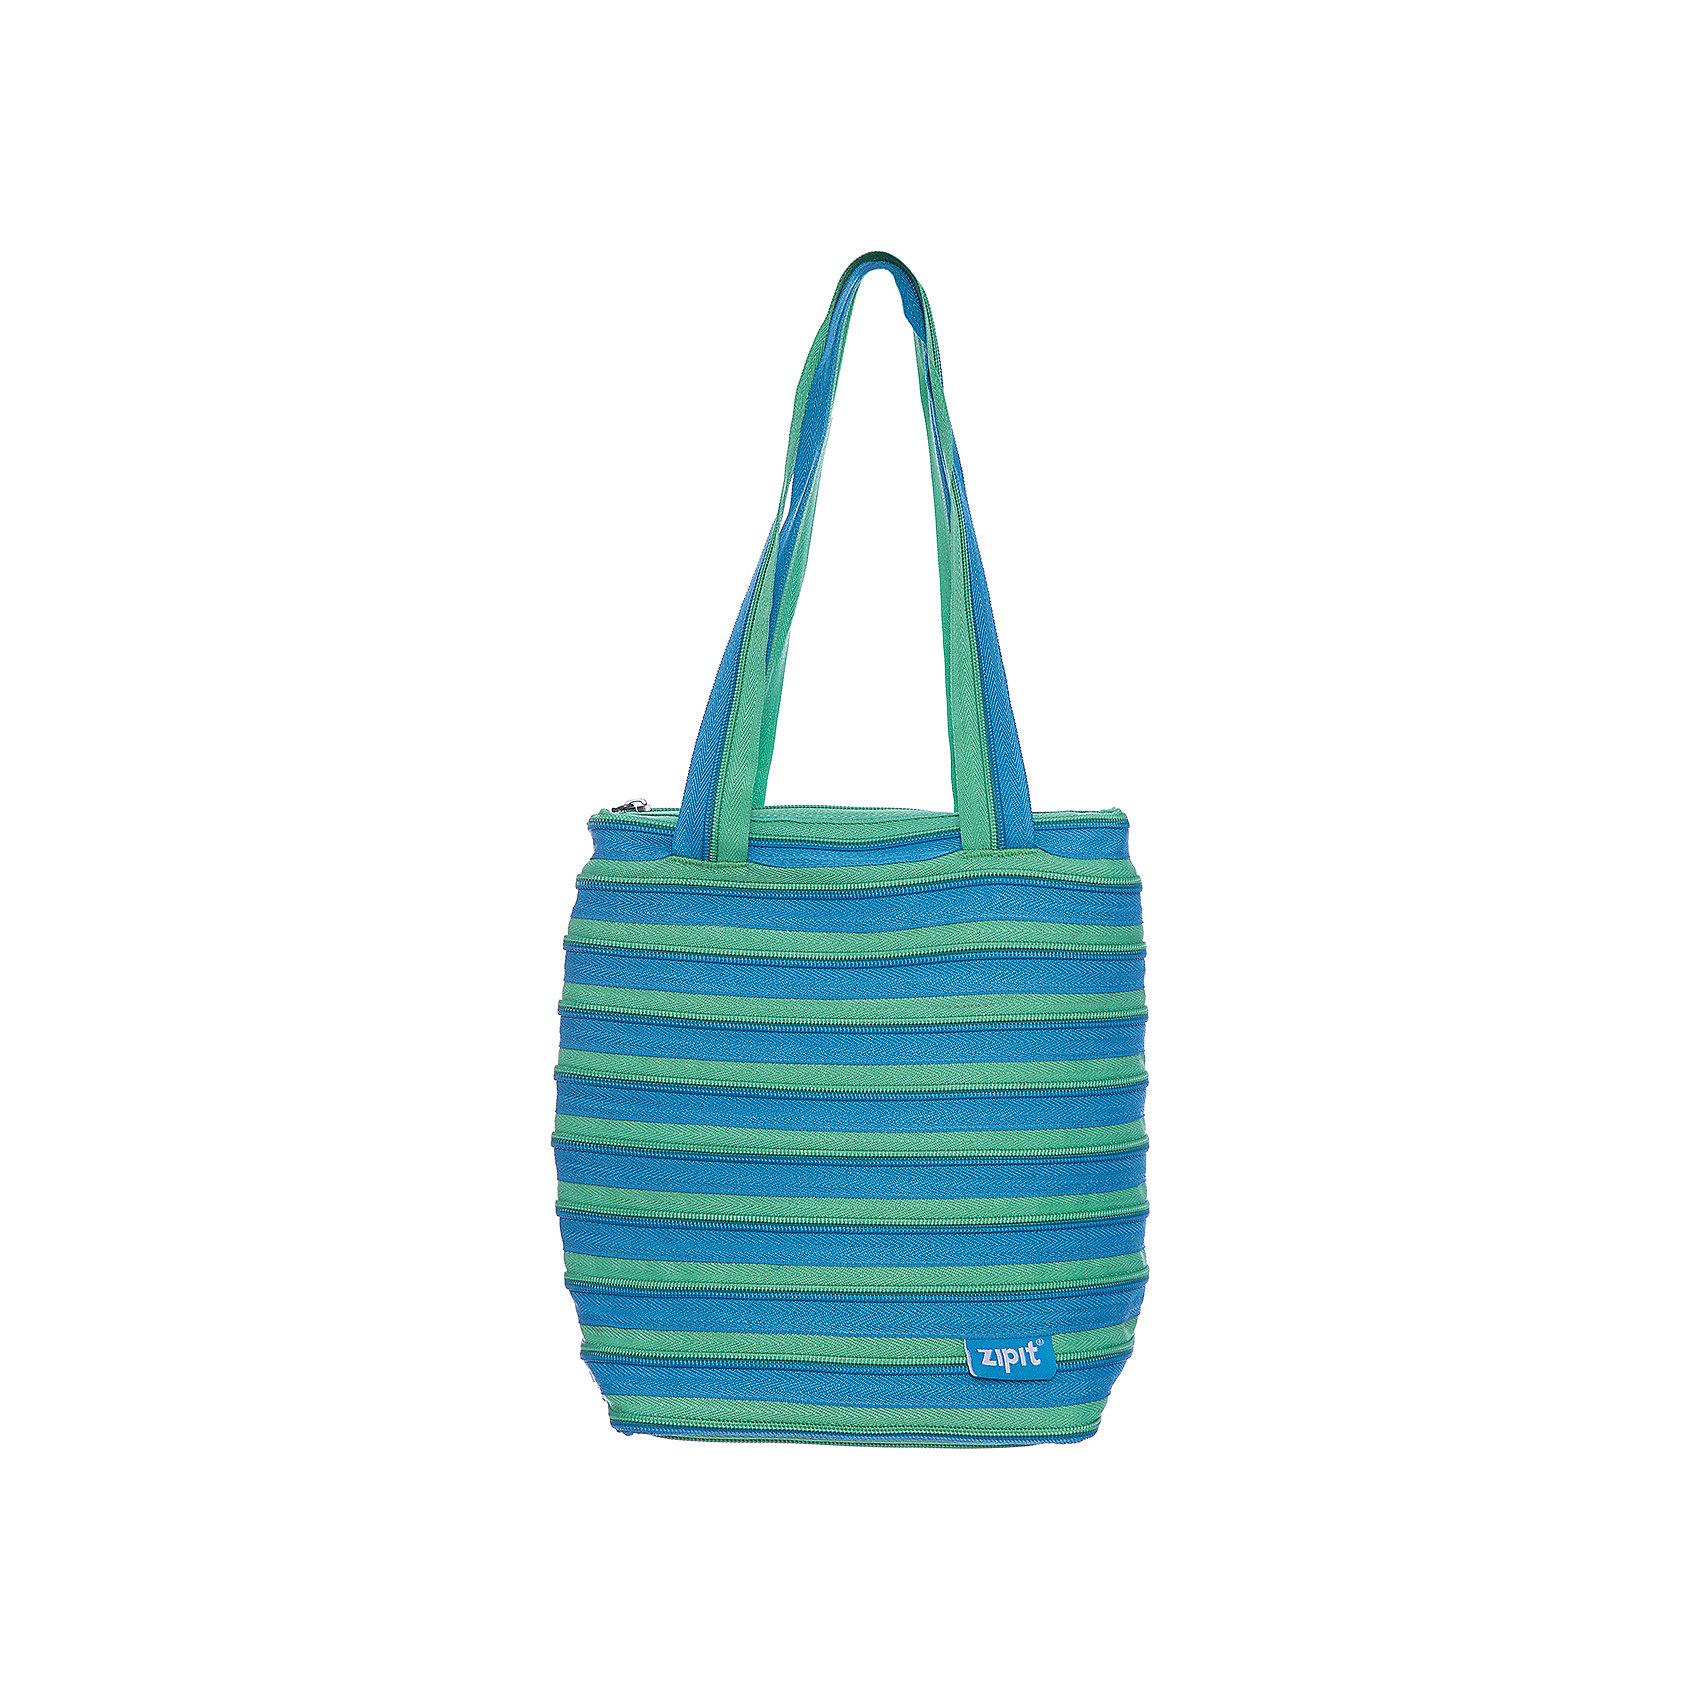 Сумка Premium Tote/Beach Bag, цвет голубой/салатовыйДетские сумки<br>Характеристики товара:<br><br>• цвет: голубой/салатовый;<br>• возраст: от 7 лет;<br>• вес: 0,2 кг;<br>• размер: 28х10х28 см;<br>• сумочка имеет одно вместительное отделение;<br>• изготовлена из застежки-молнии;<br>• молнию можно полностью расстегнуть;<br>• удлиненные ручки для переноски в руке или на плече;<br>• материал: полиэстер;<br>• страна бренда: США;<br>• страна изготовитель: Китай.<br><br>Молодежная сумка Zipit «Premium Tote Beach Bag» очень необычная. Она сделана из молнии! Молния закручена по спирали и это делает сумку совершенно уникальной. При этом сумка очень функциональная и легка в уходе.<br><br>Сумку «Premium Tote Beach Bag» можно купить в нашем интернет-магазине.<br><br>Ширина мм: 280<br>Глубина мм: 100<br>Высота мм: 280<br>Вес г: 200<br>Возраст от месяцев: 84<br>Возраст до месяцев: 180<br>Пол: Унисекс<br>Возраст: Детский<br>SKU: 7054152